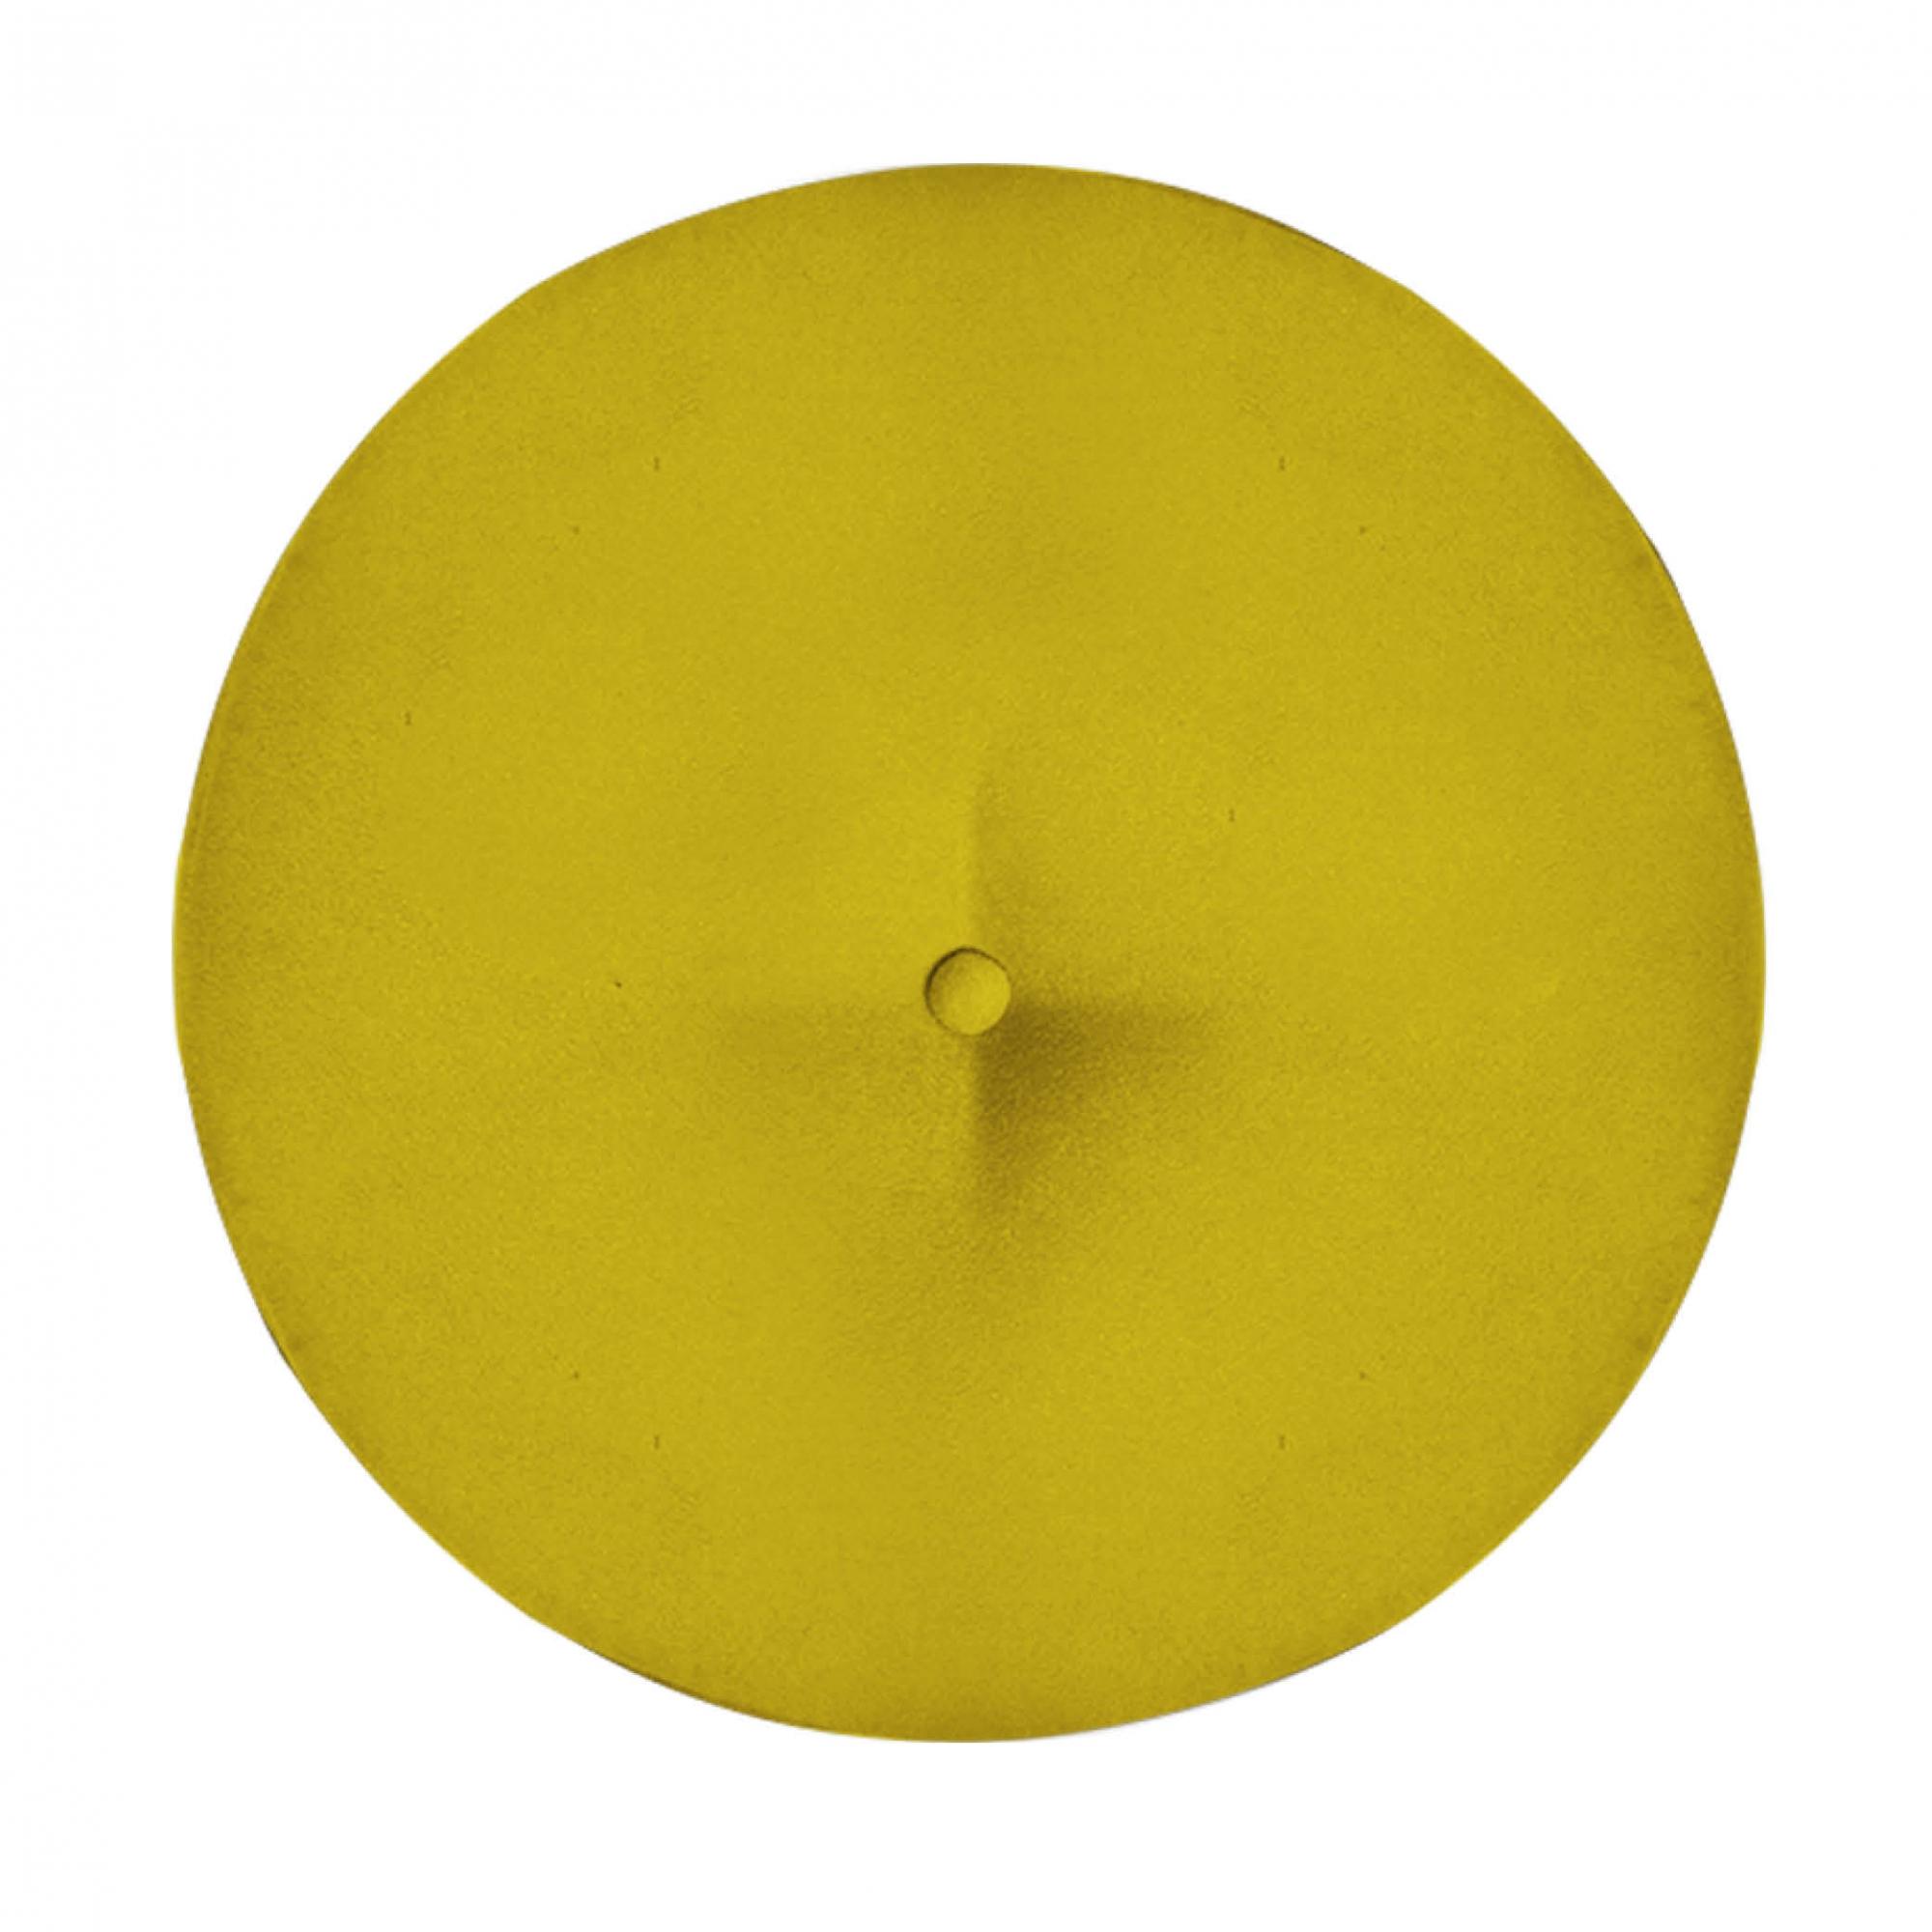 Kit 3 Puff Duda Decoração Redondo Recepção Escritório Sala Estar Salão Quarto D'Classe Decor Suede Amarelo